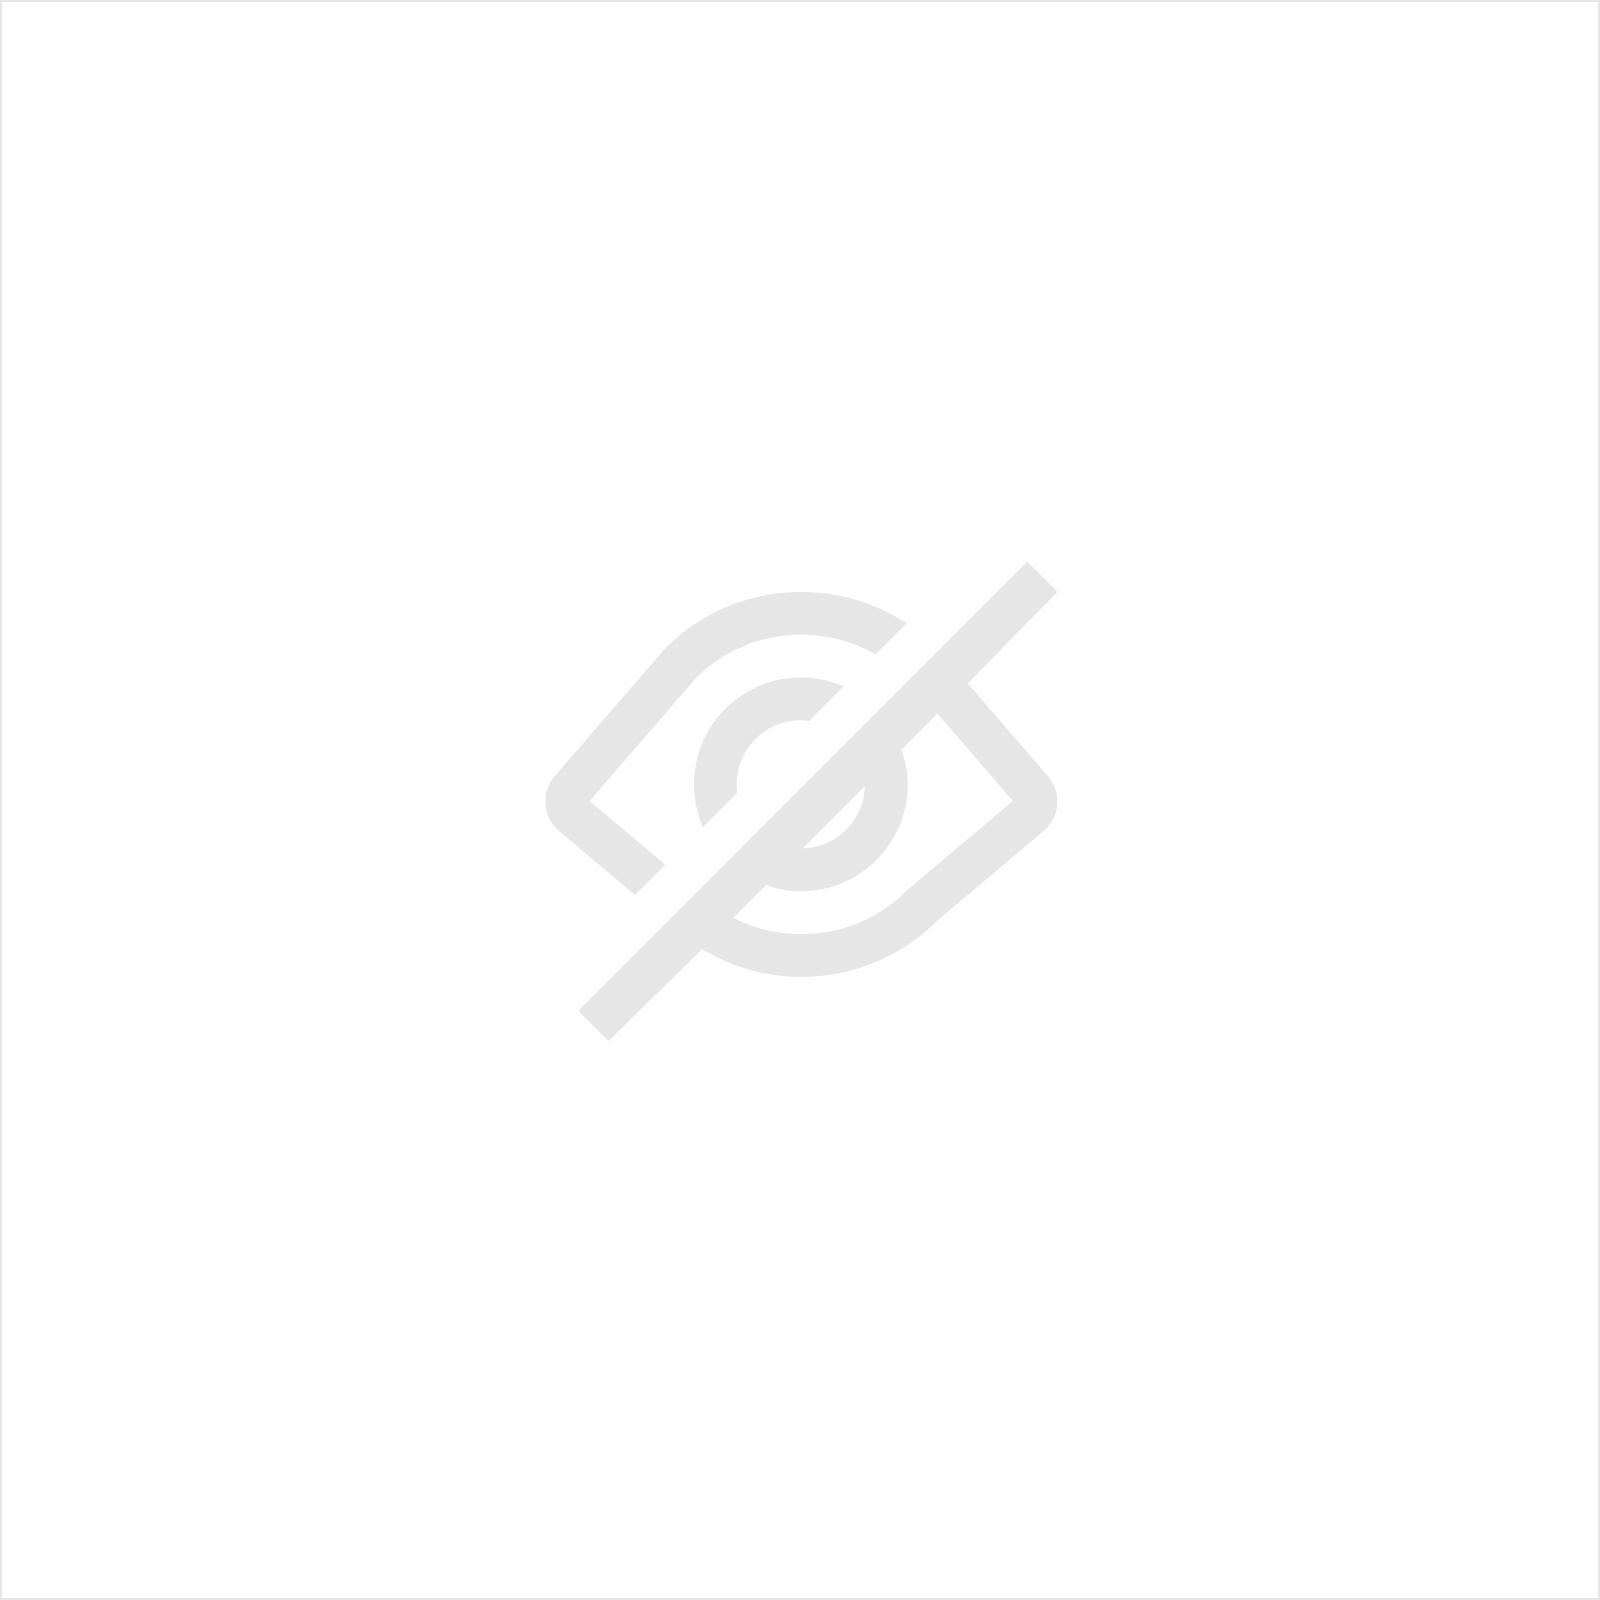 AUTOSOL - HUILE PROTECTRICE ALUMINIUM 400 ML